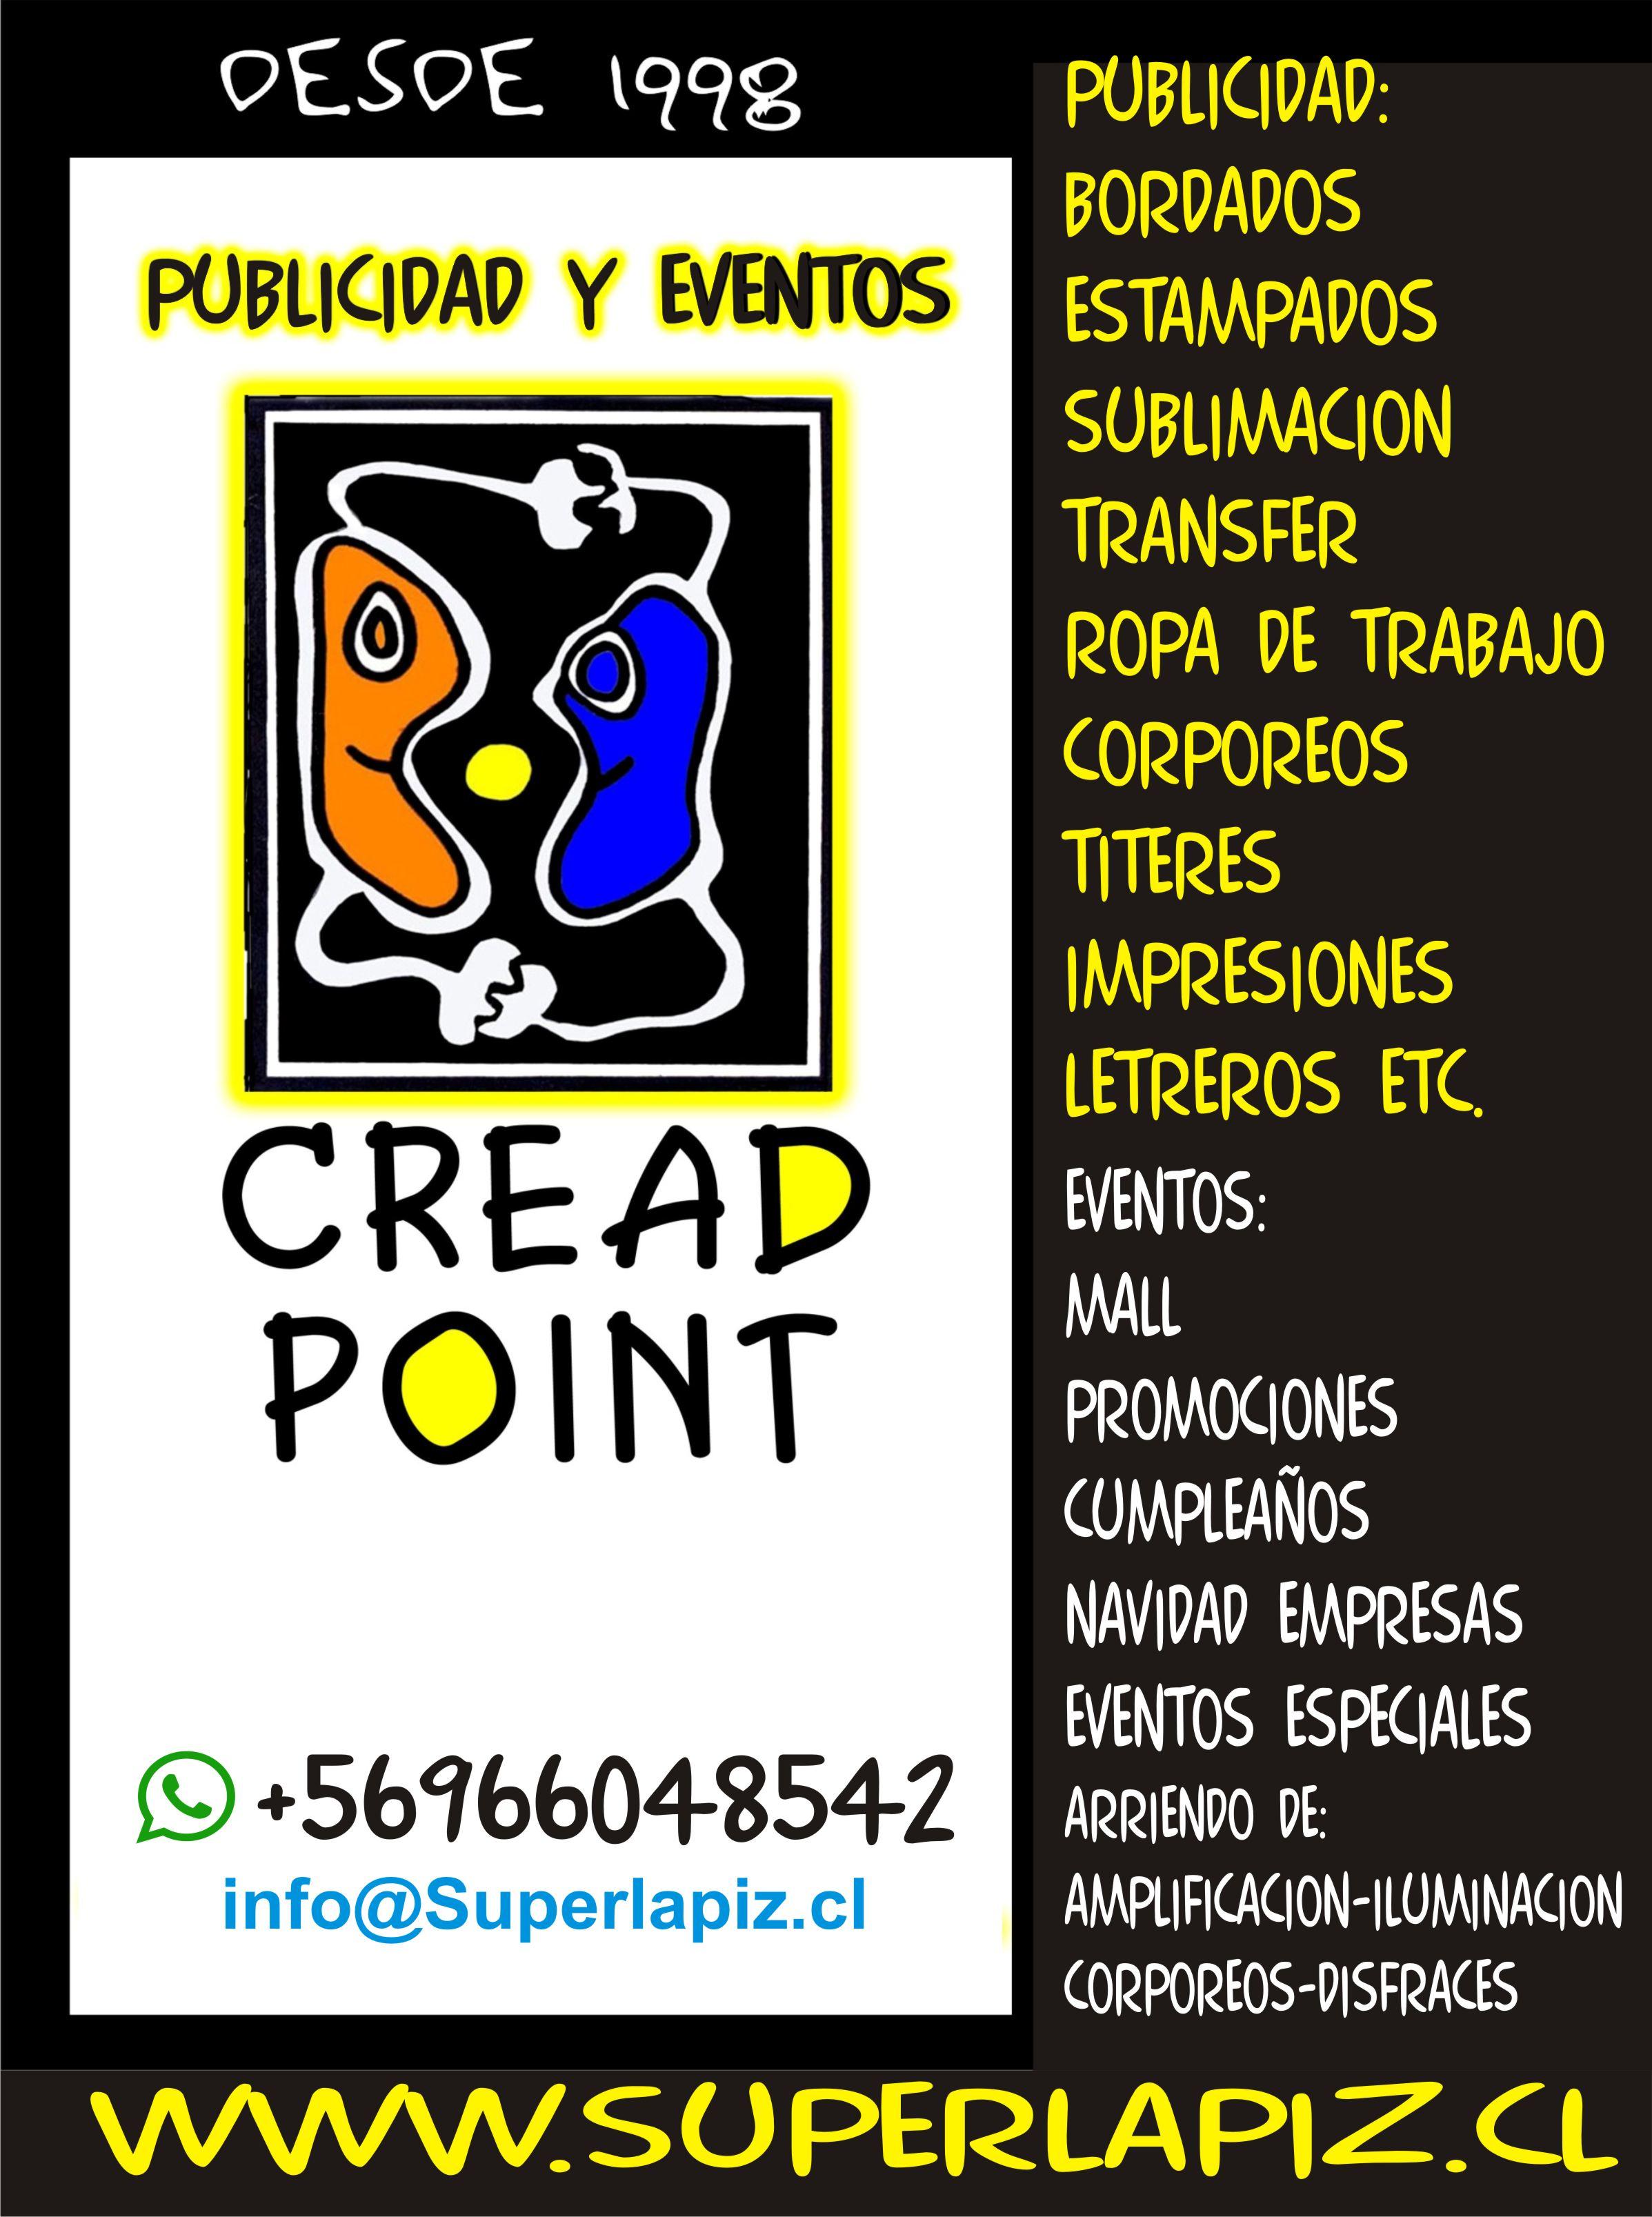 CREAD POINT  Agencia de publicidad y eventos desde 1998